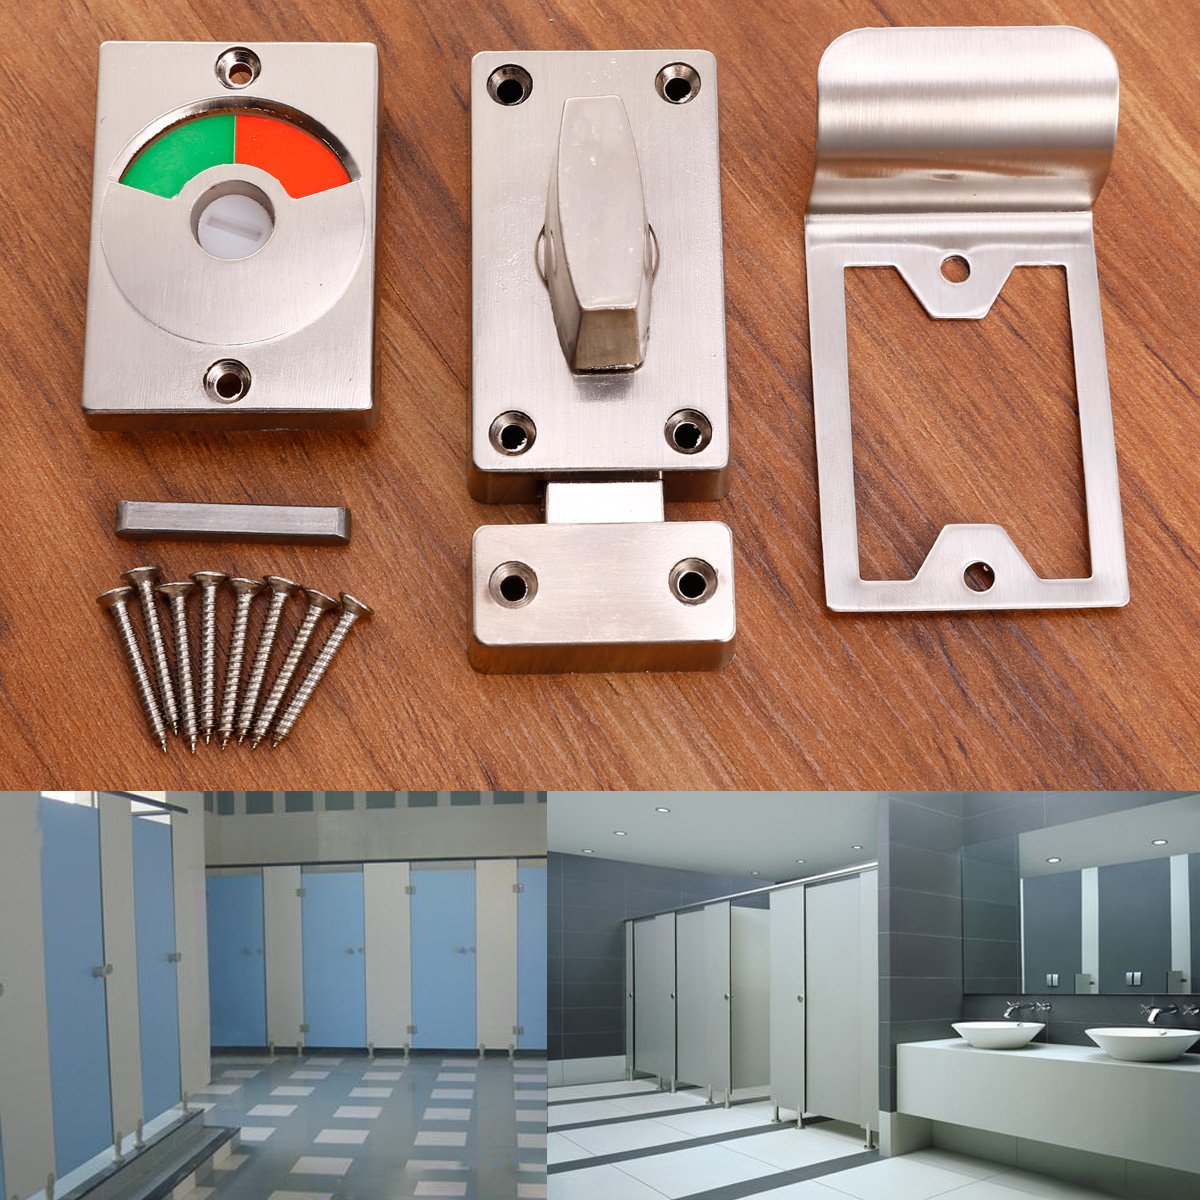 Details zu Bad Schloss Türschloss Verriegelung & Schrauben für WC Toilette  Badezimmer